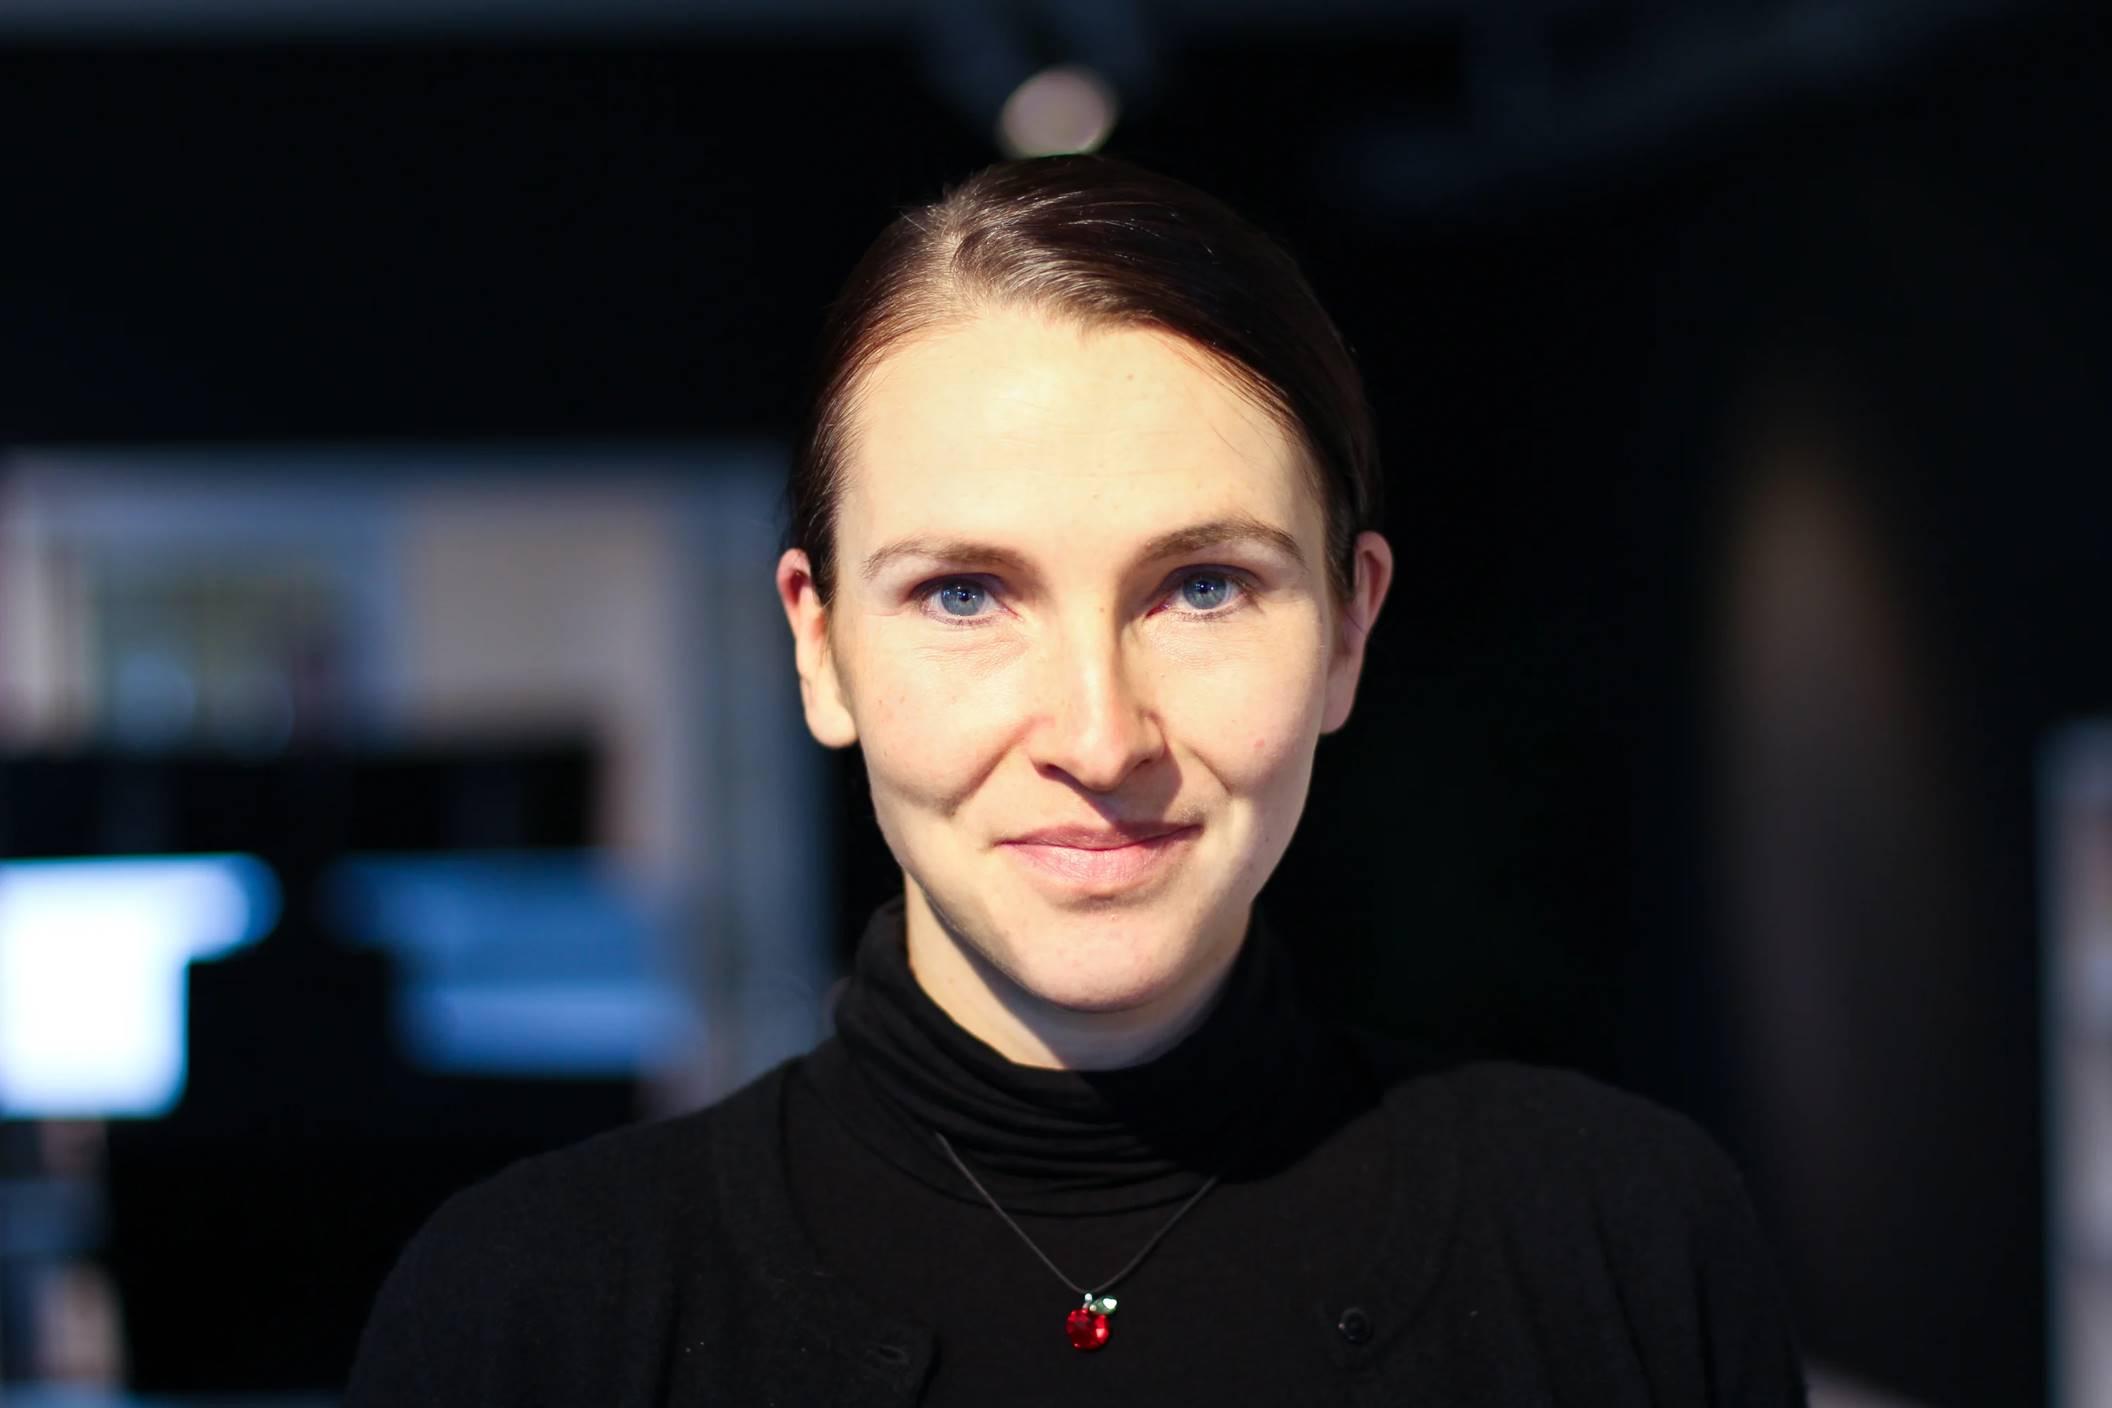 Kajsa Asplund